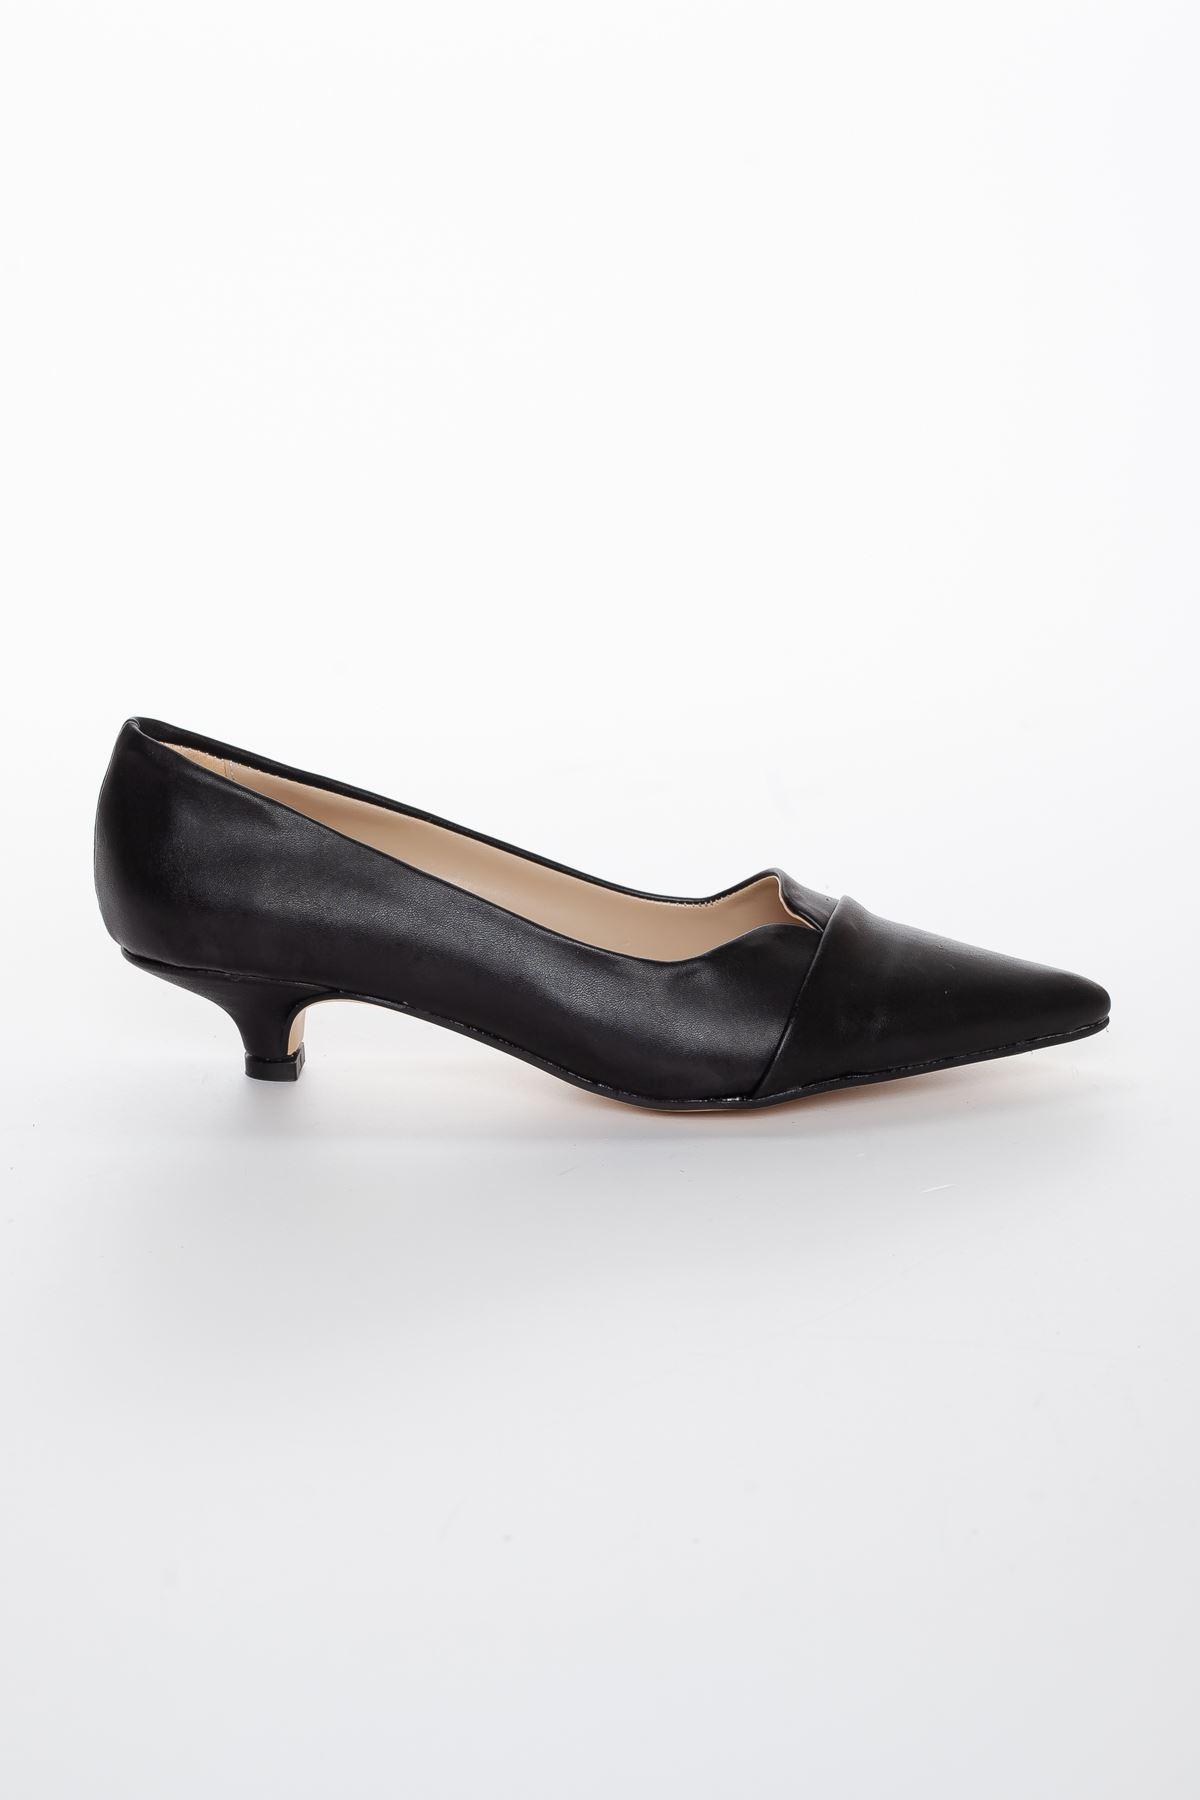 Elina Sivri Burun Kısa Topuklu Ayakkabı Siyah